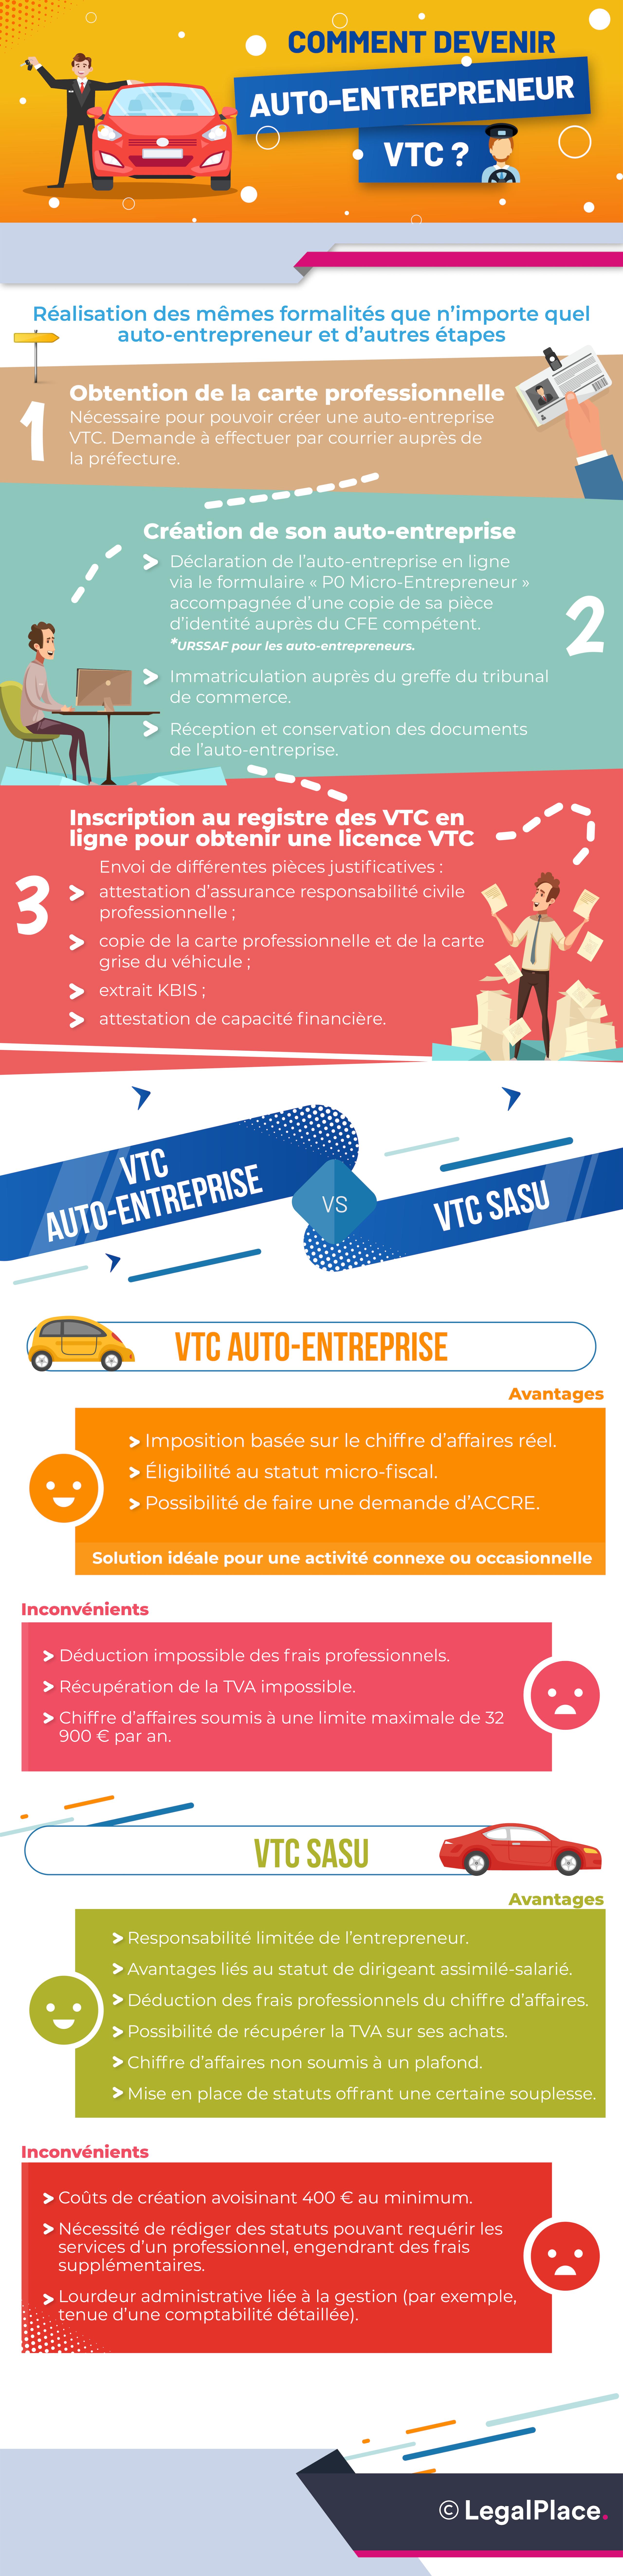 Infographie - Auto-entrepreneur VTC